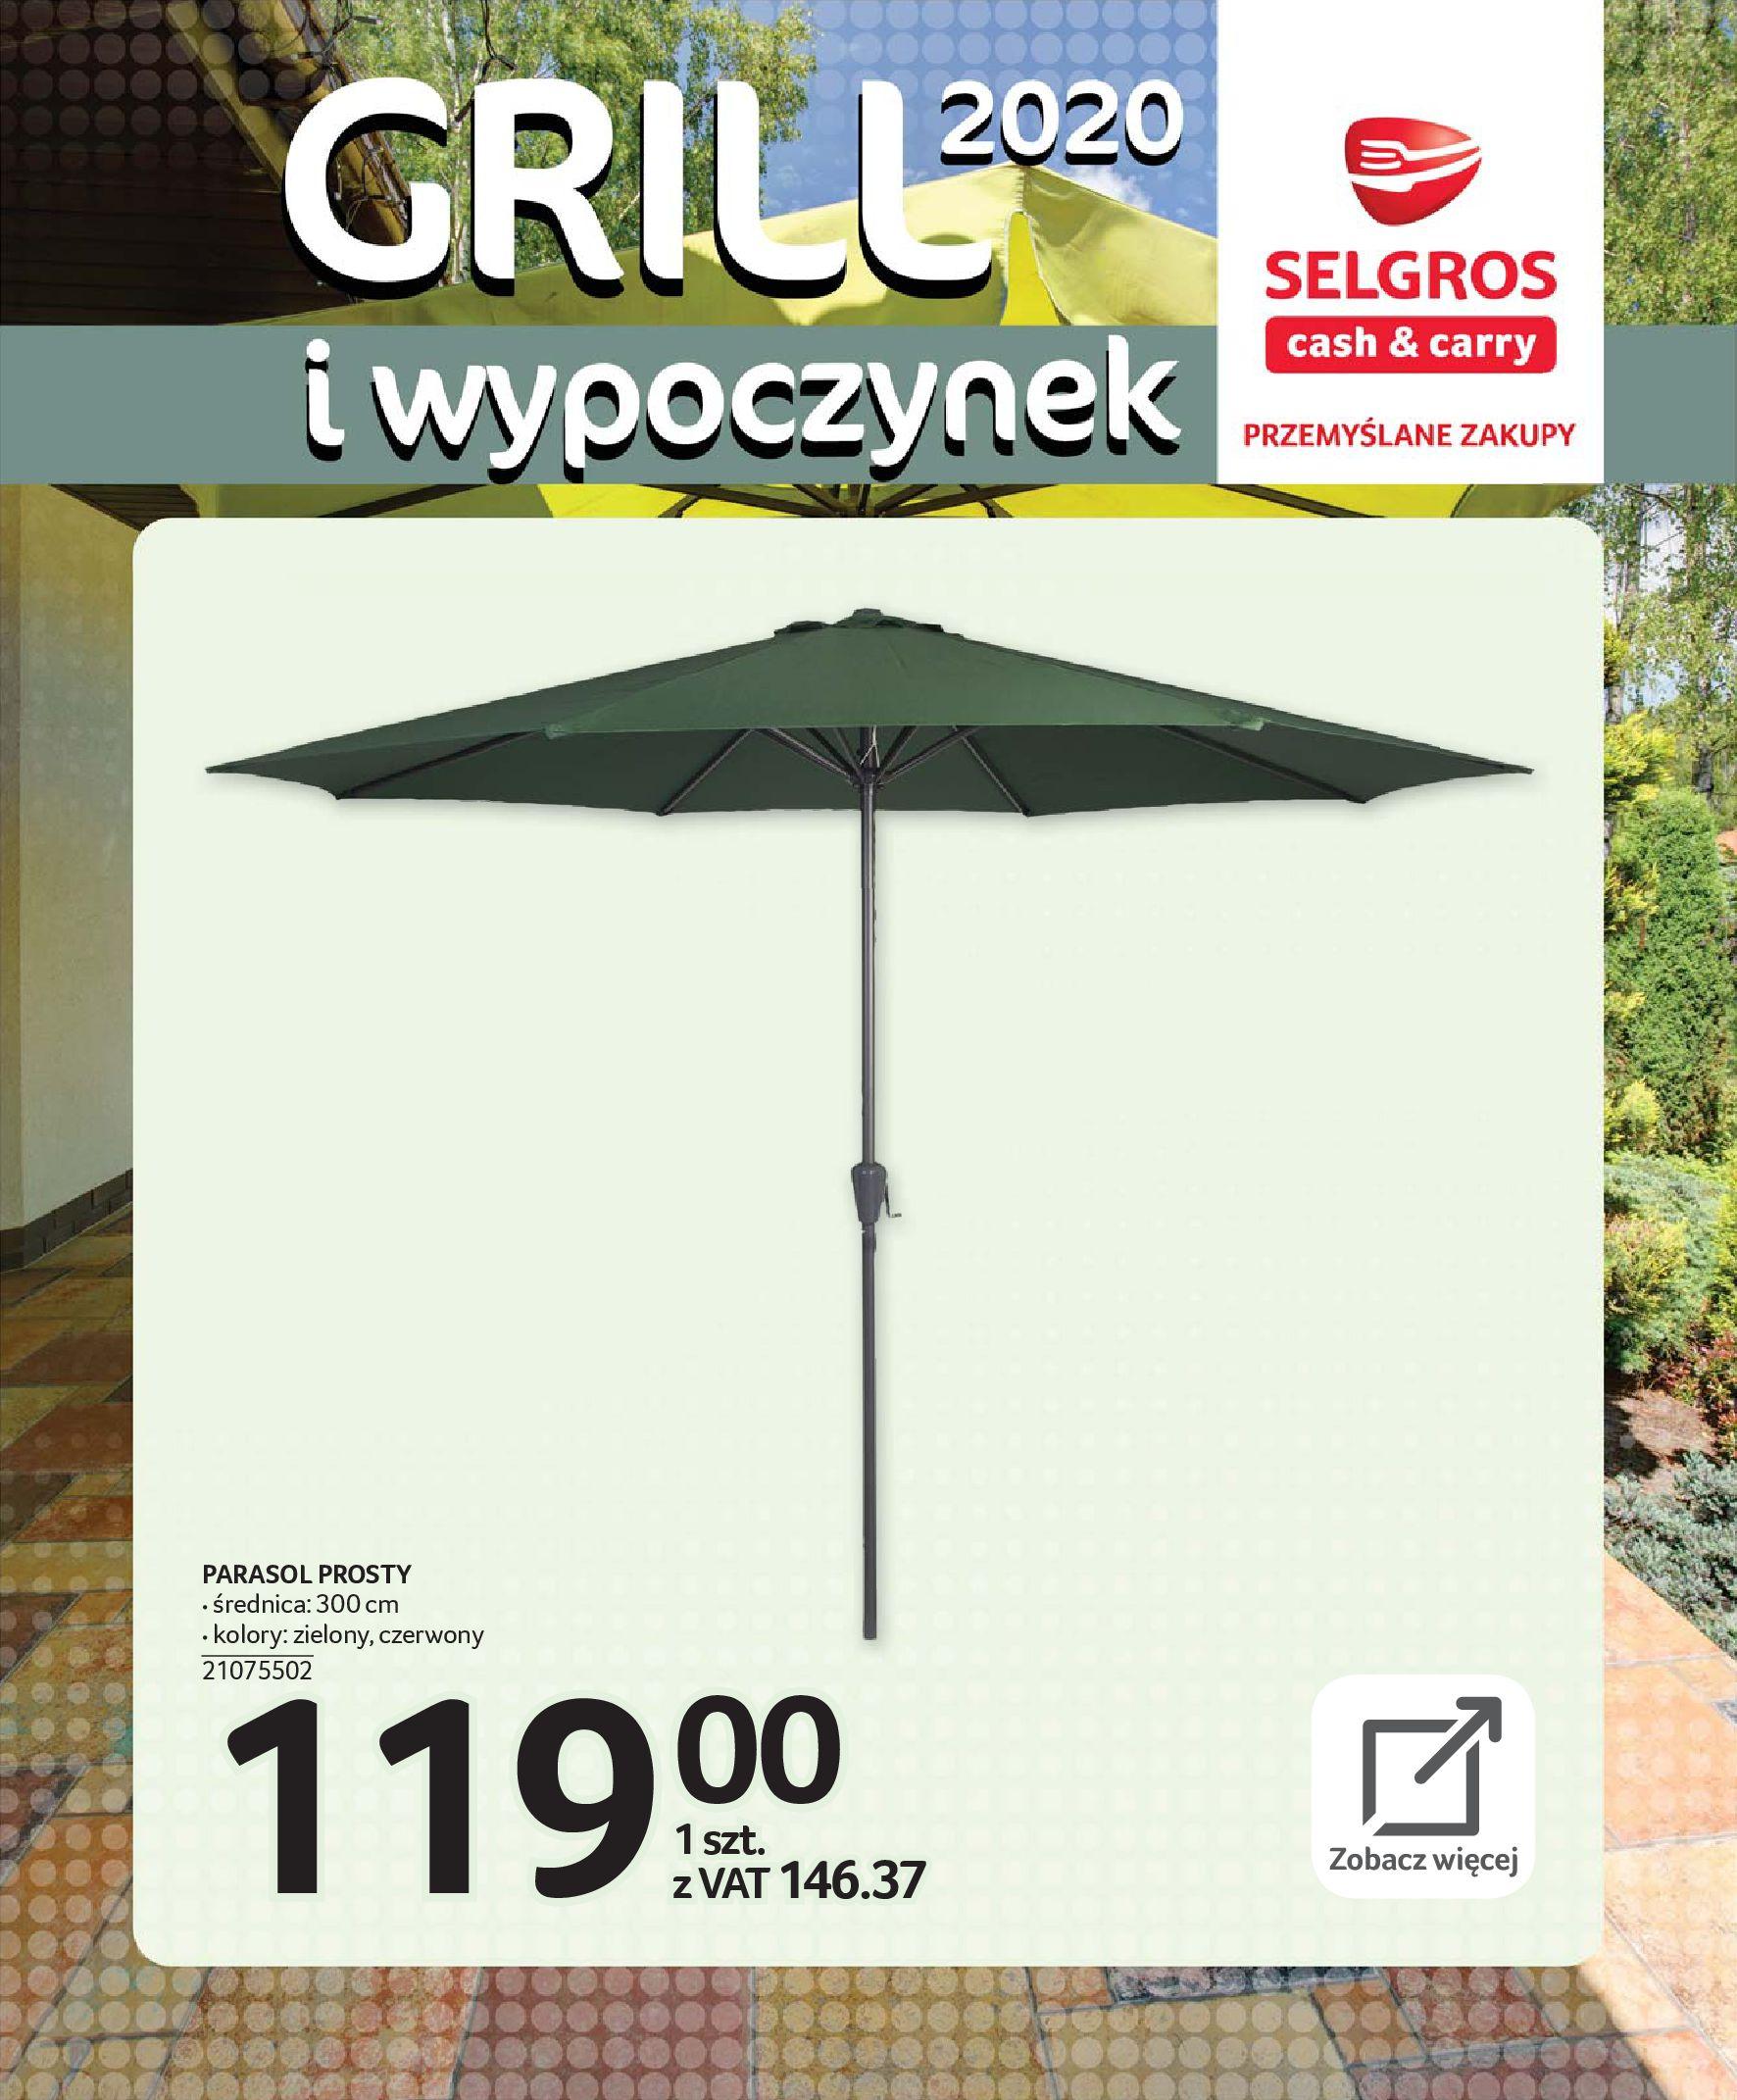 Gazetka Selgros - Katalog - Grill i wypoczynek-31.03.2020-31.08.2020-page-35